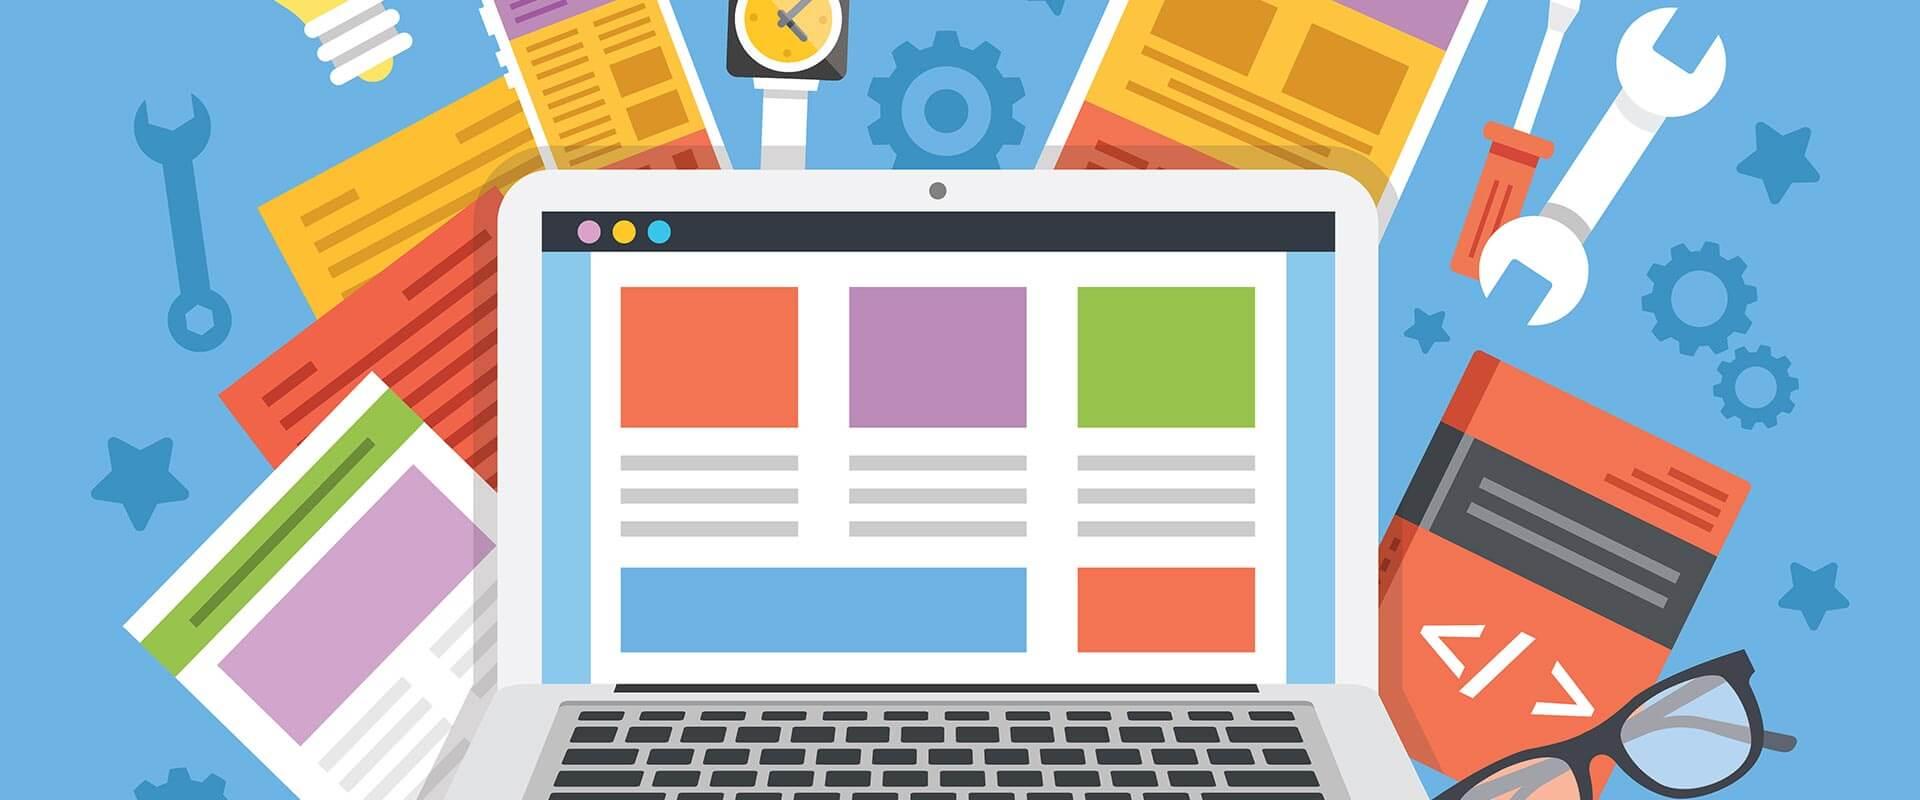 Symbolisches Eingangsbild für die Unterseite Webdesign, welche einen Laptop zeigt auf dem eine skizzierte Webseite zu sehen ist. Im Hintergrund befinden sich unterschiedliche Werkzeuge, ein Buch zu dem Thema Programmieren und viele Darstellungsoptionen einer Webseite.